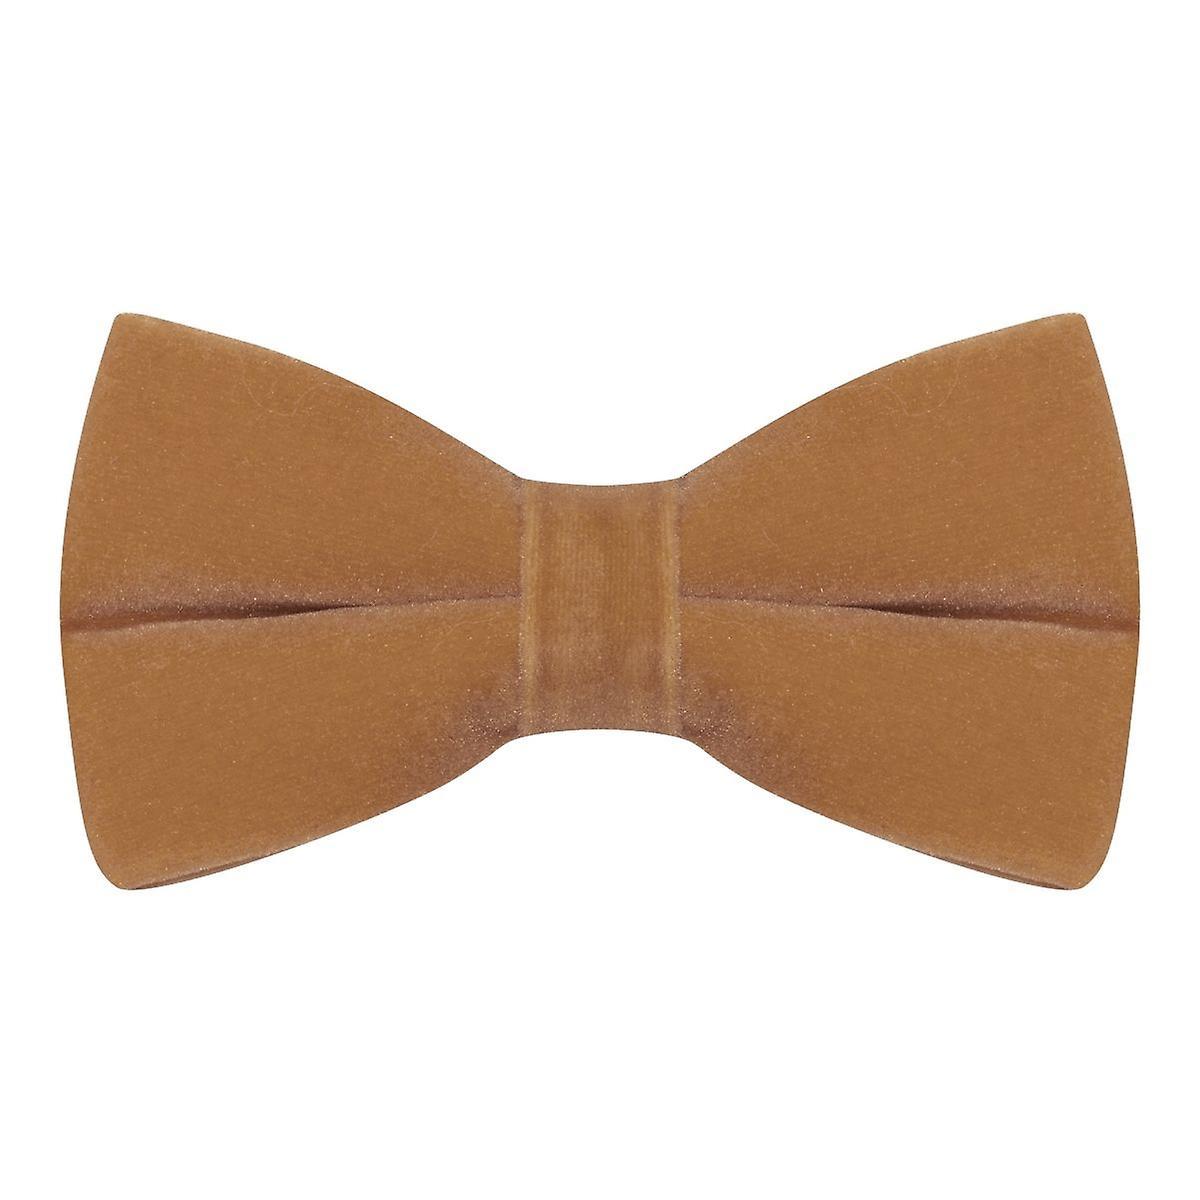 Luxury Tawny Brown Velvet Bow Tie